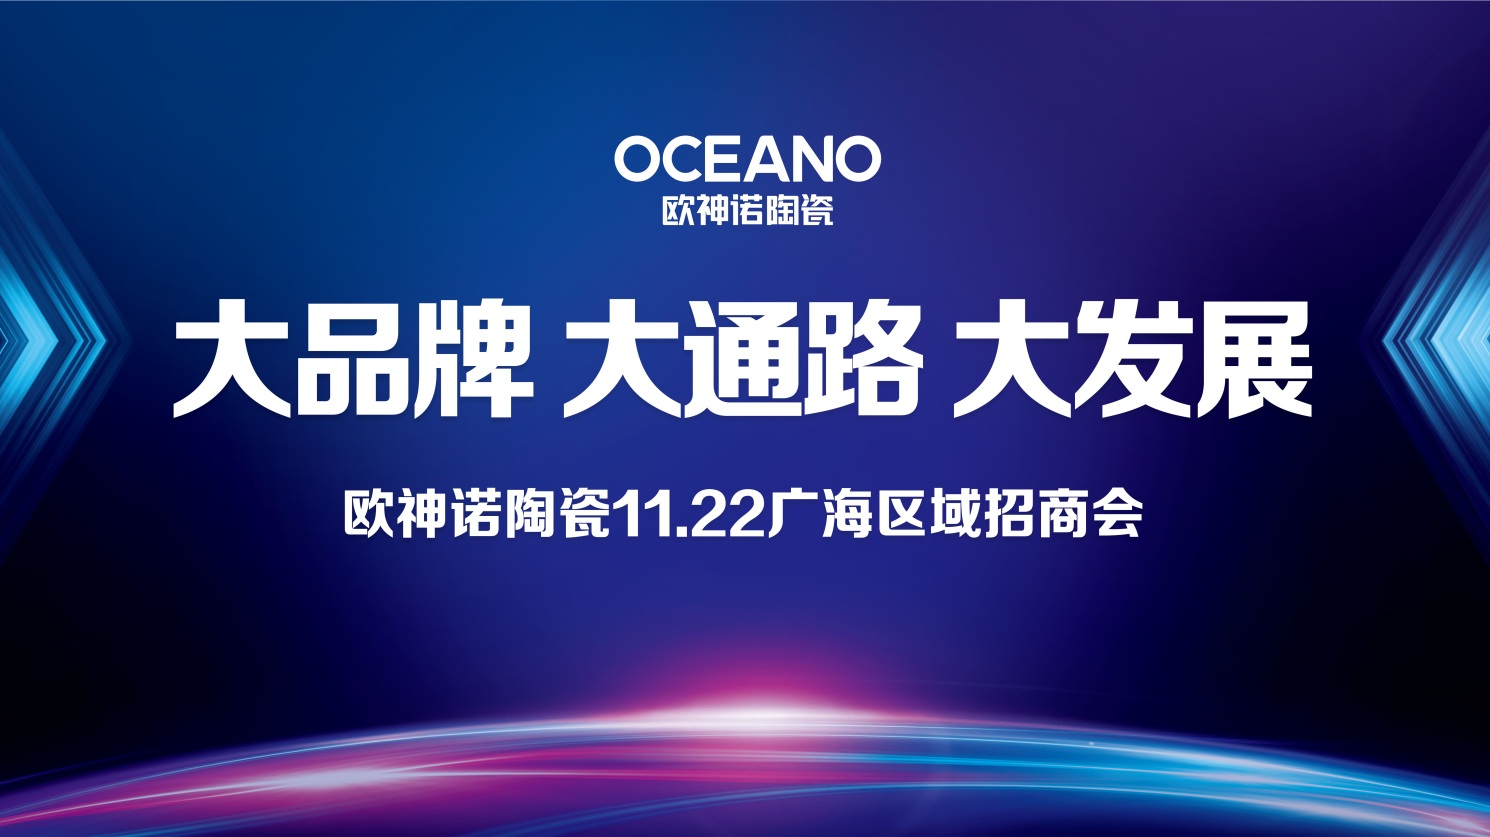 欧神诺陶瓷广东海南招商会 用产品为加盟商打造核心竞争力